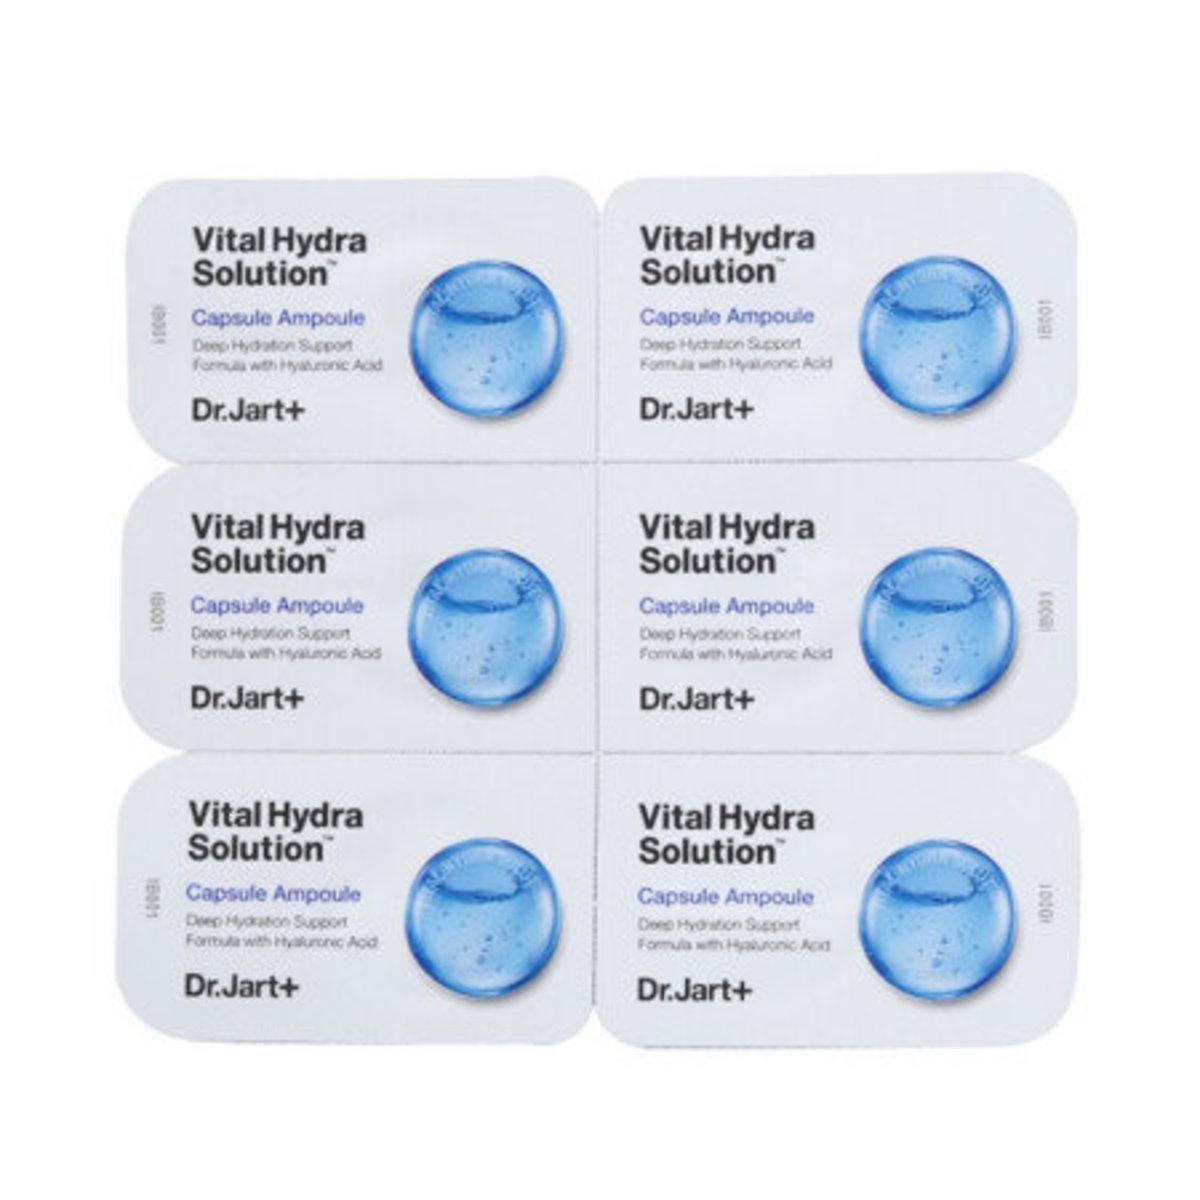 活力水潤膠囊安瓶 (小藍丸) 2ml x 6粒